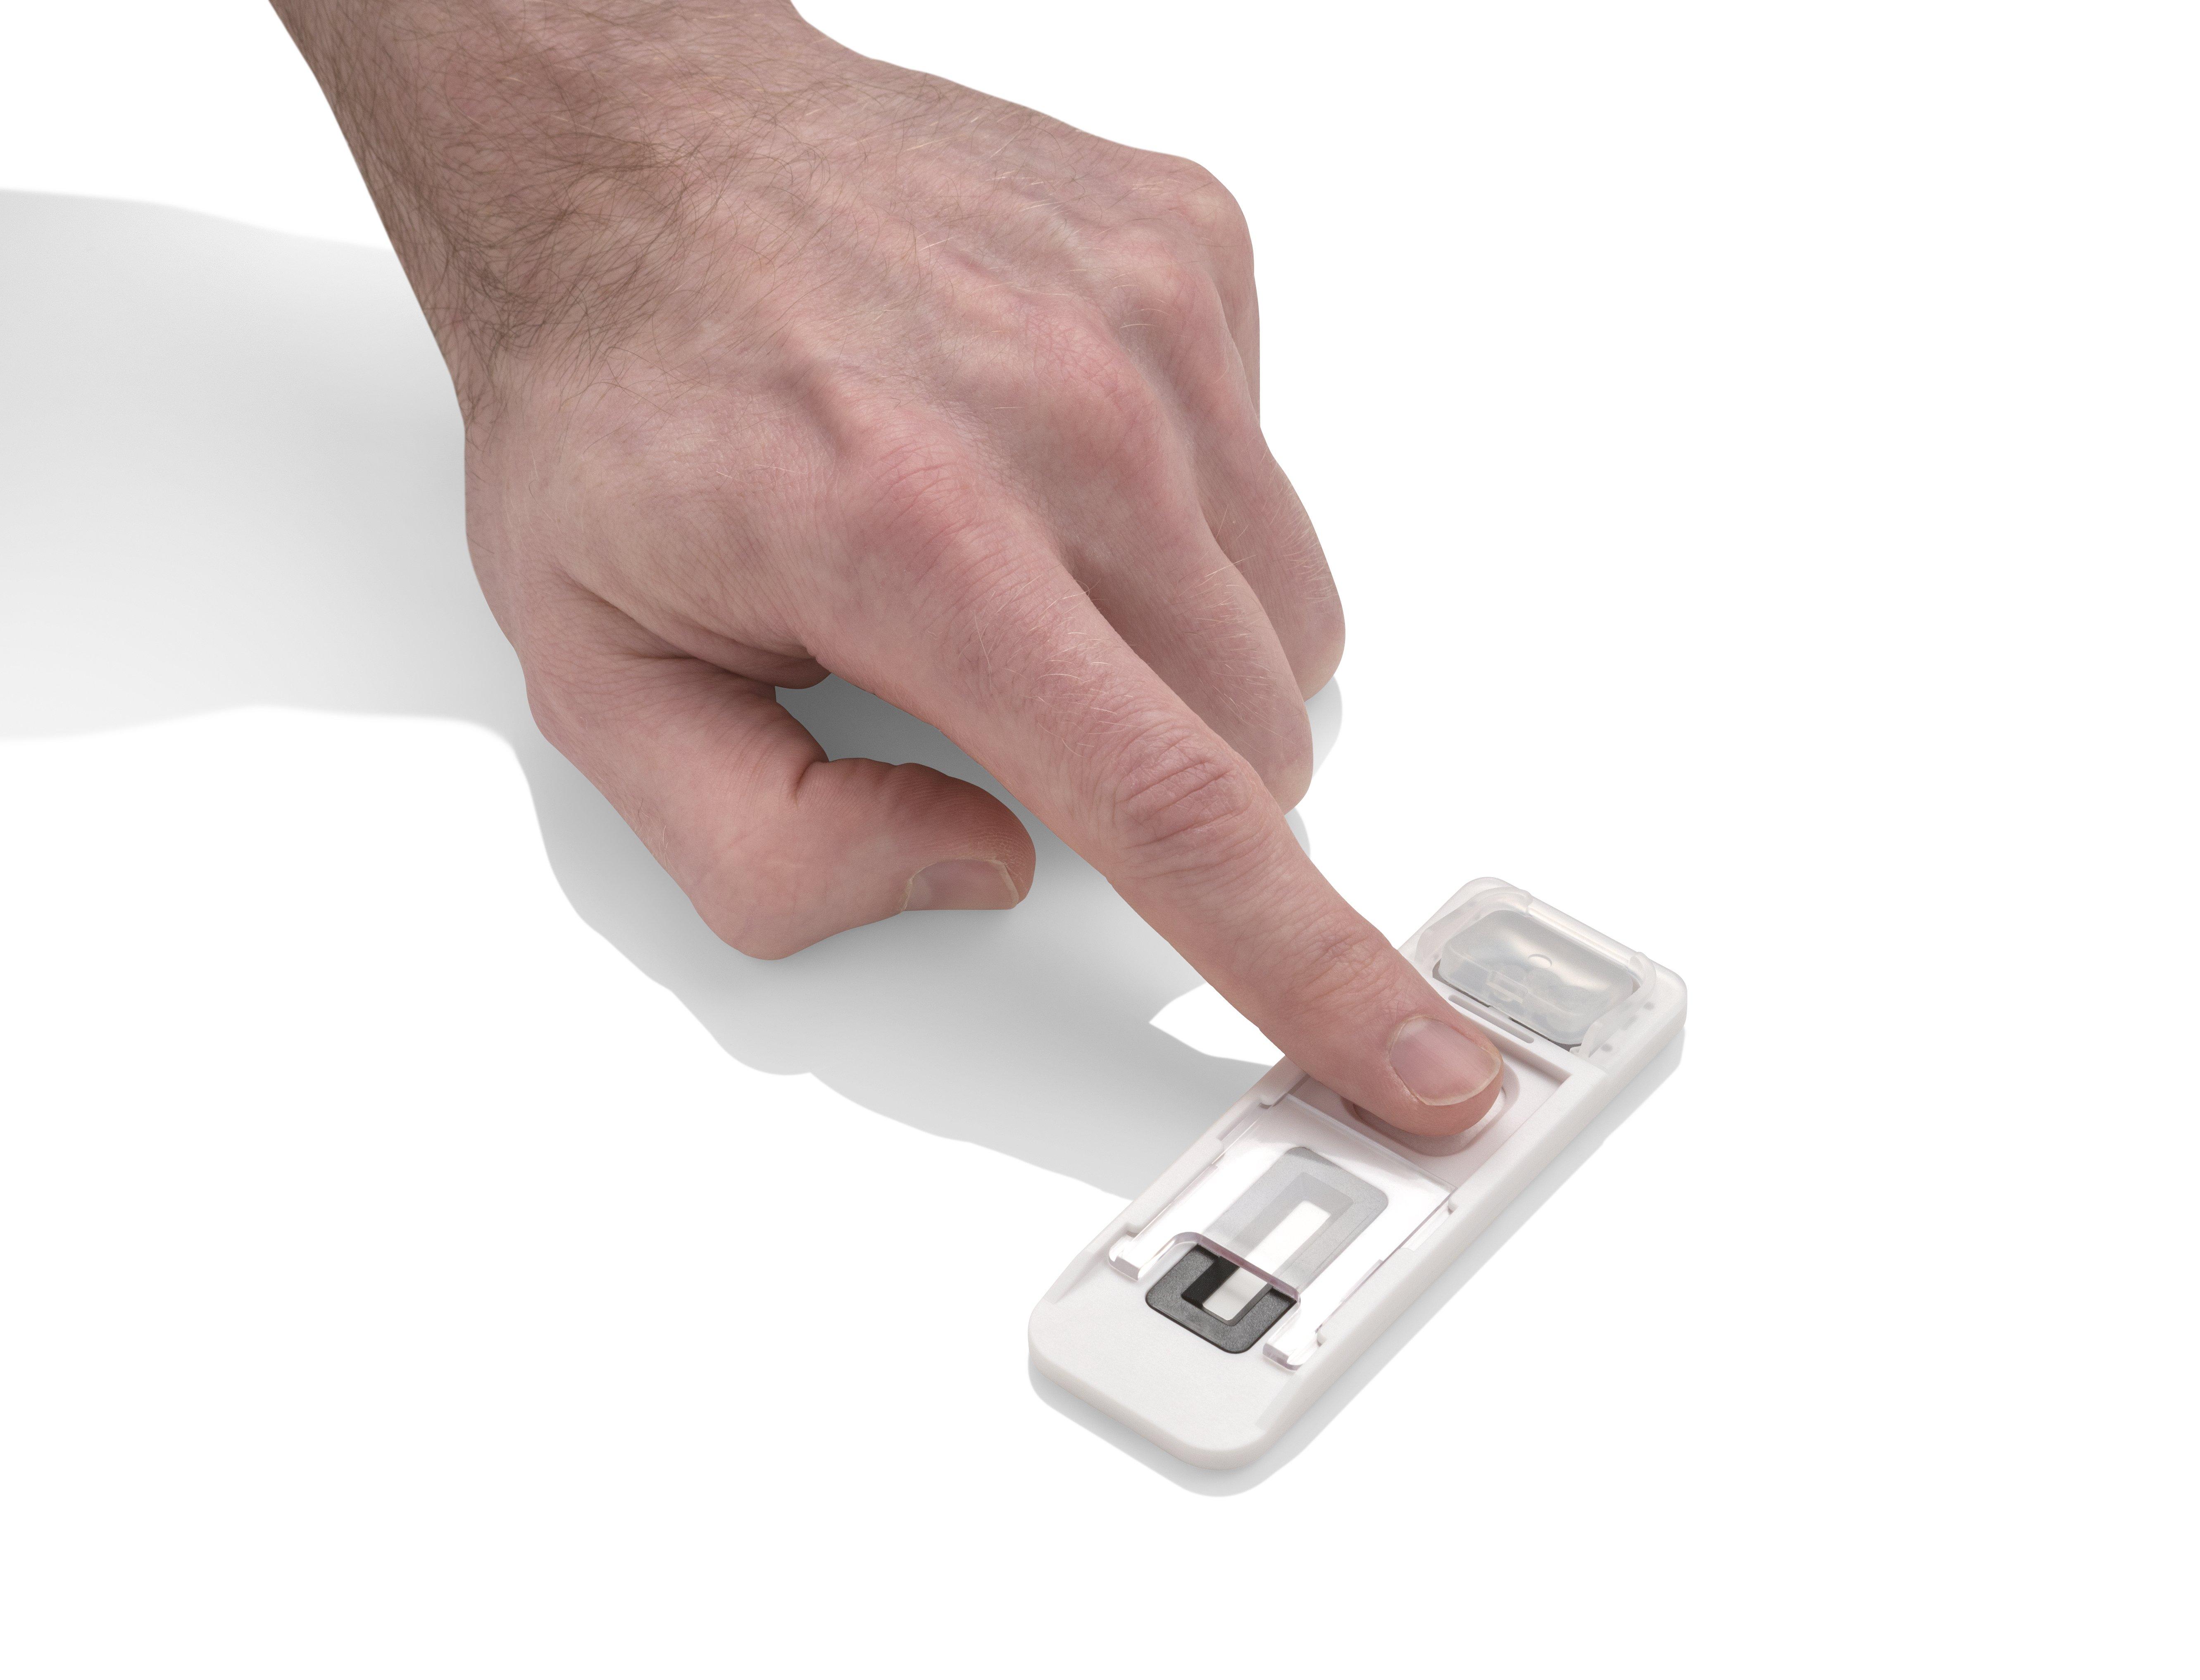 finger-on-cartridge